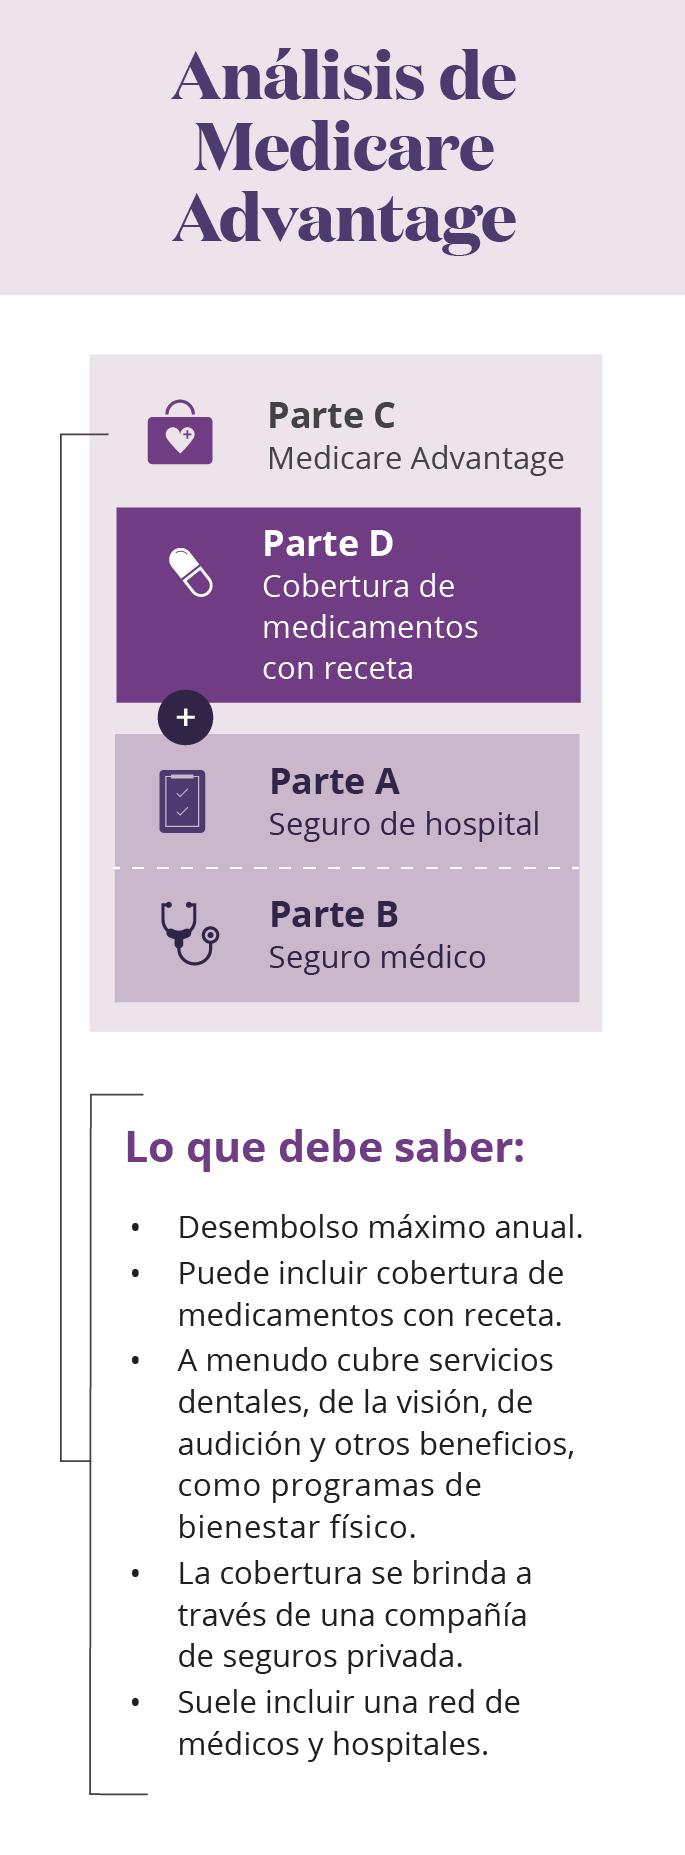 Infografía móvil del análisis de Medicare Advantage